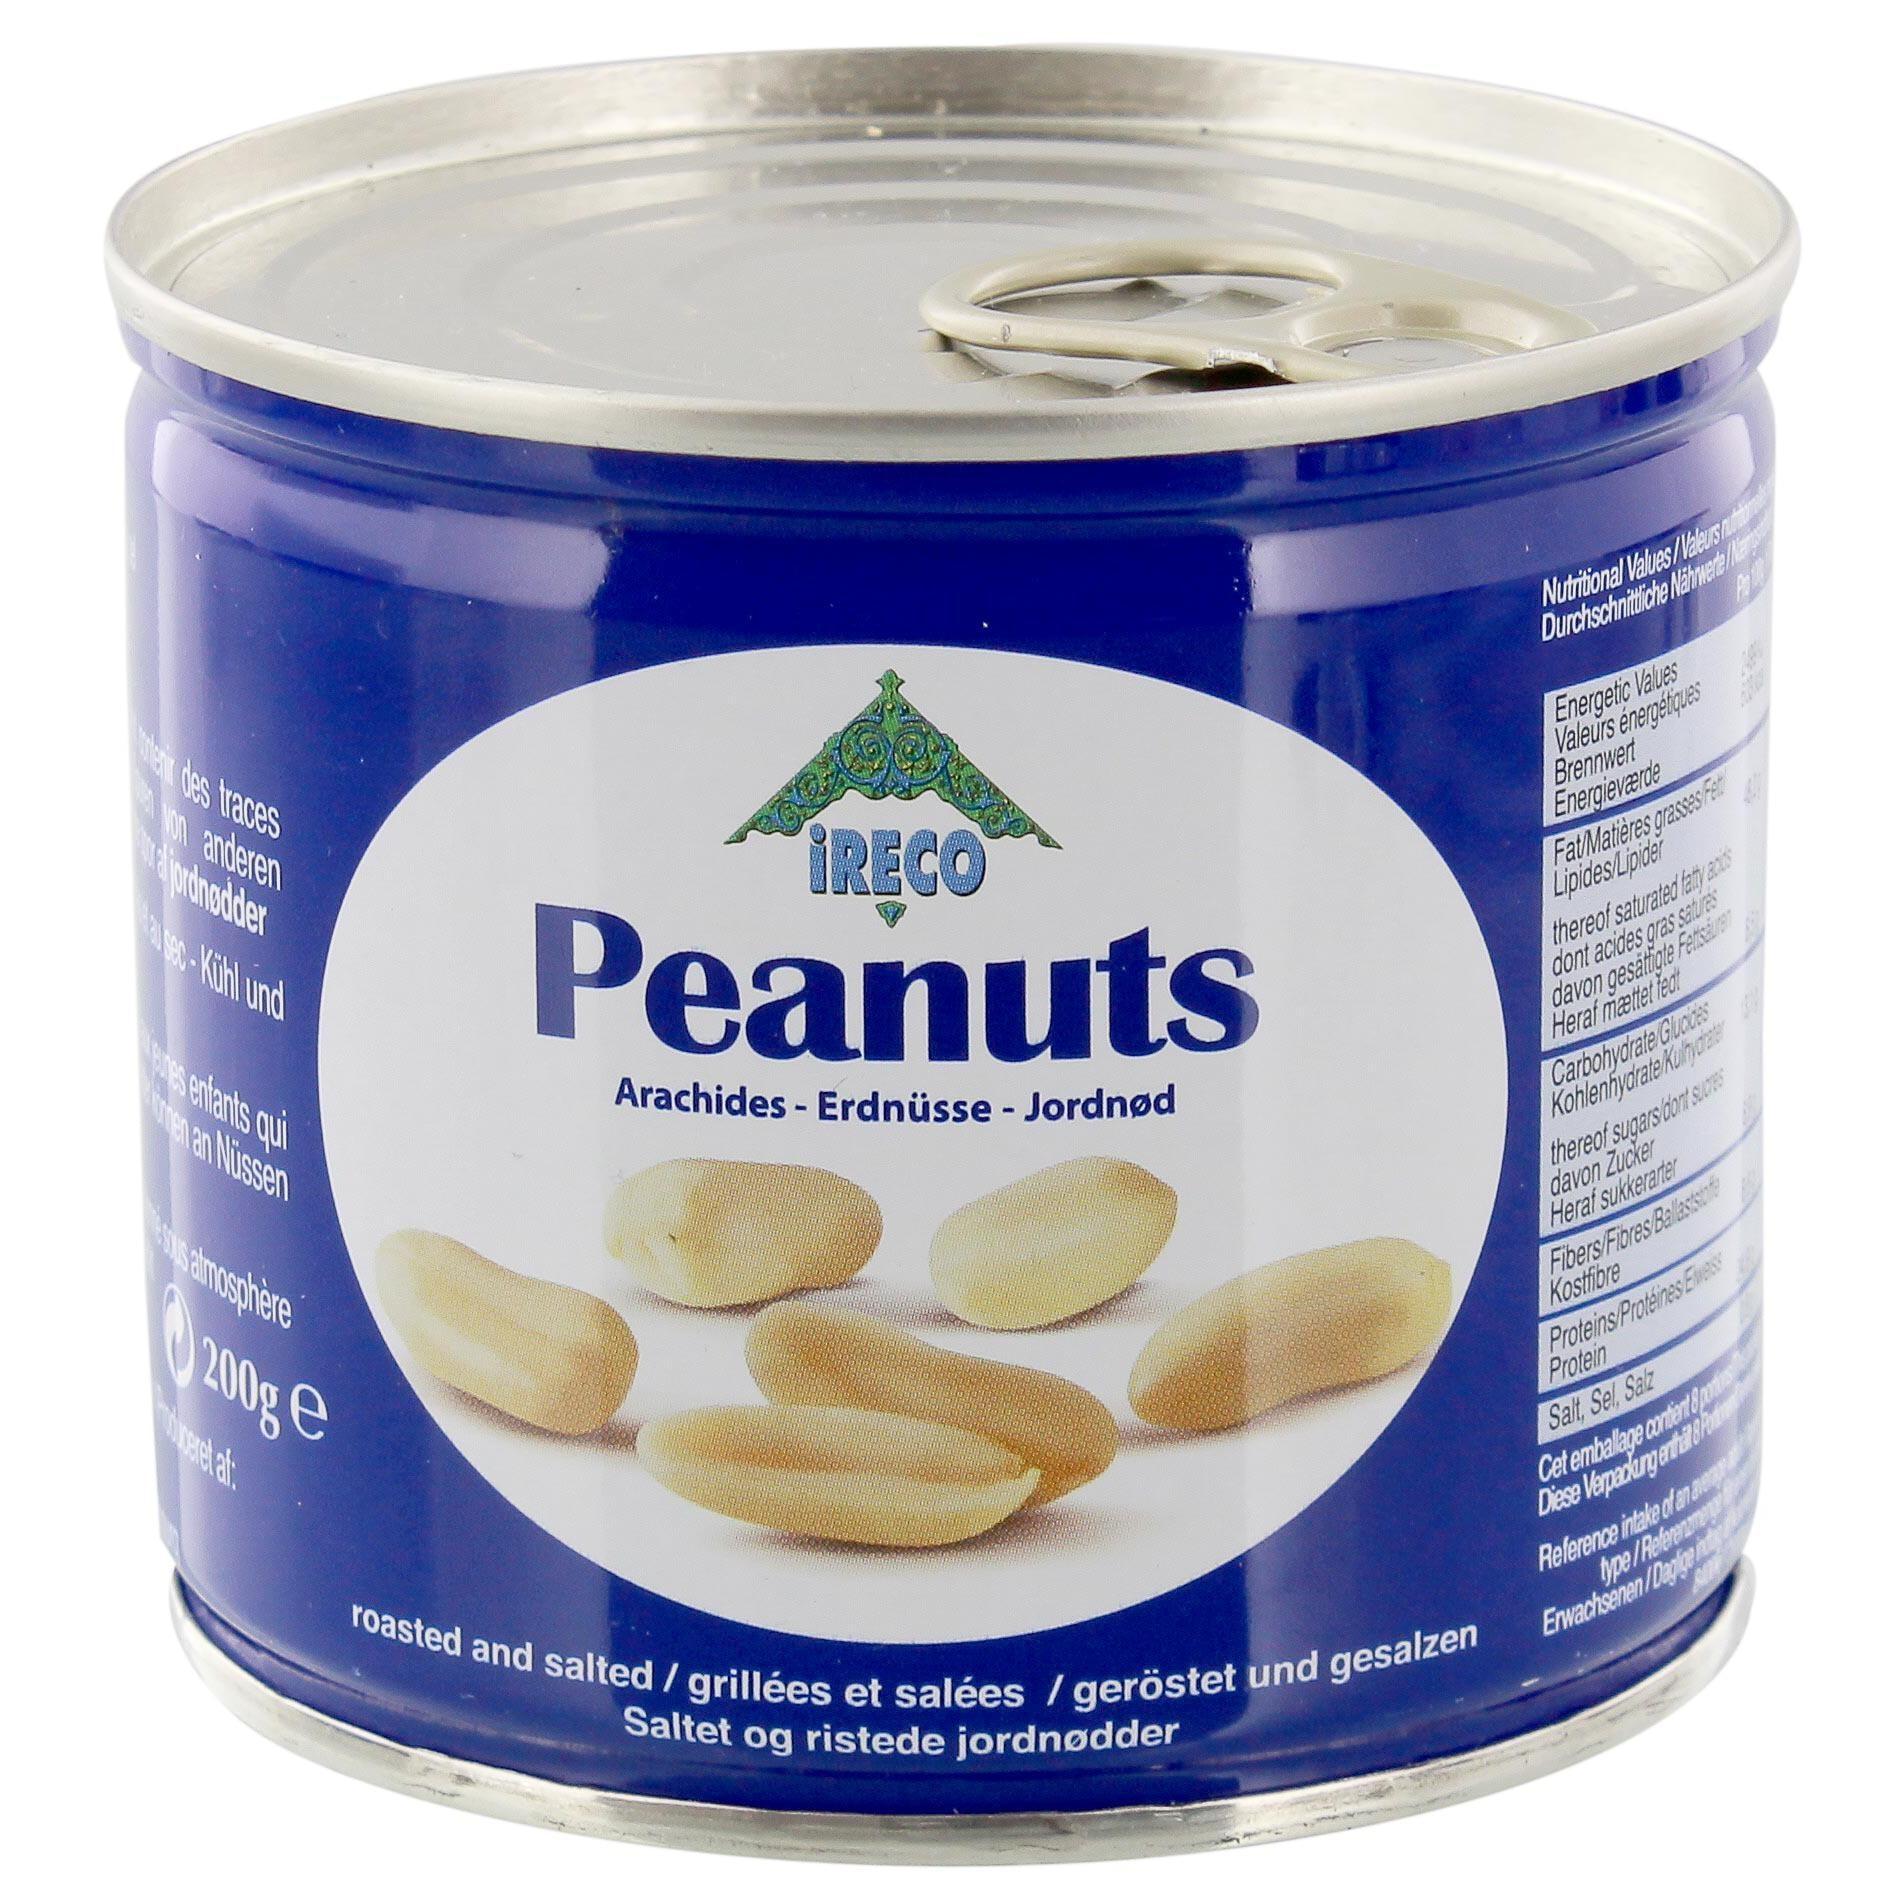 Ireco - Erdnüsse geröstet und gesalzen - 200g